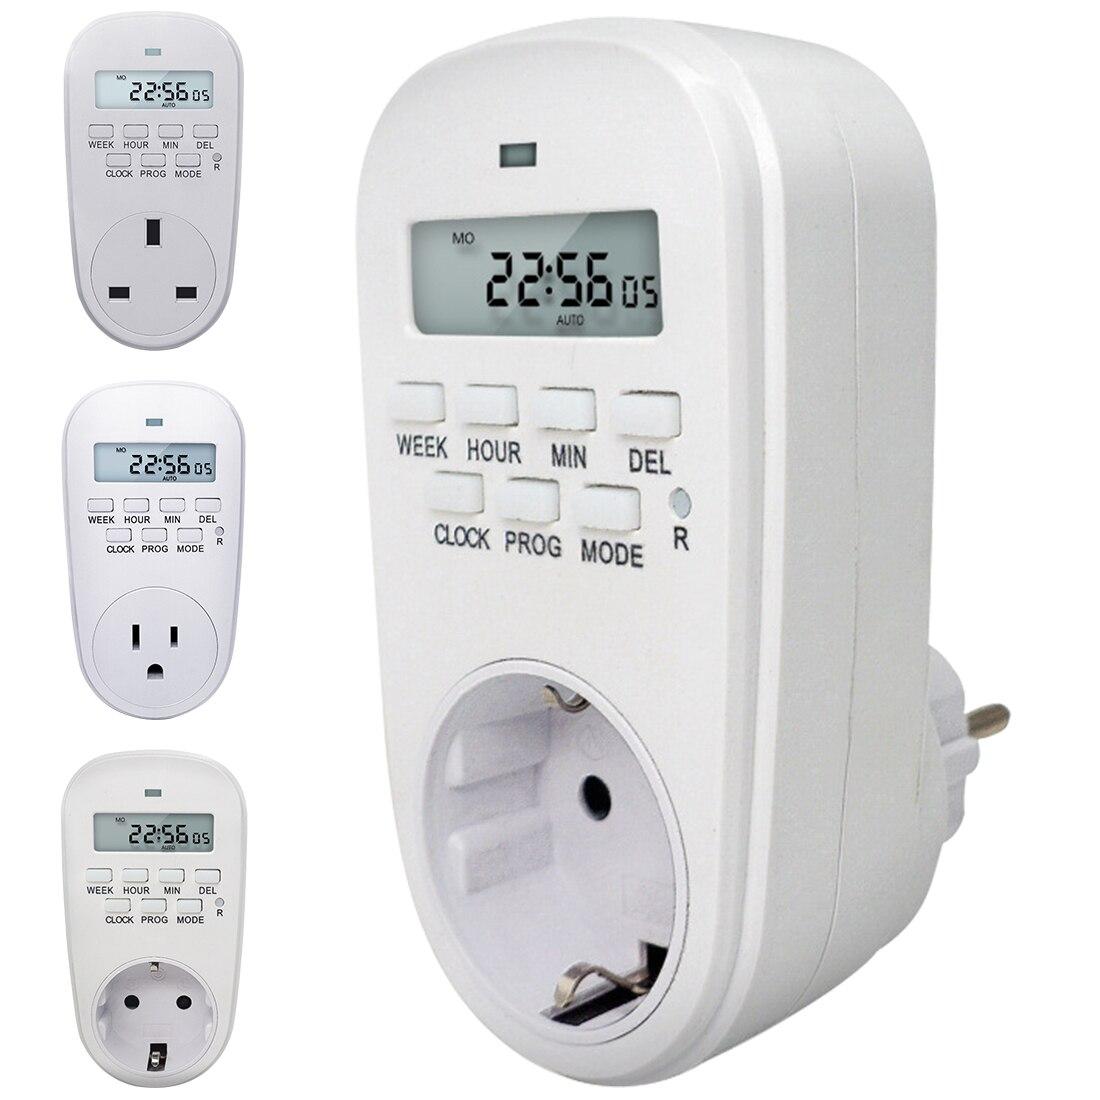 Heißer Einstellbar Programmierbare Einstellung der Uhr/Auf/Off Zeit Digital Timer Schalter Energieeinsparung Smart Steckdose EU /US/UK Stecker